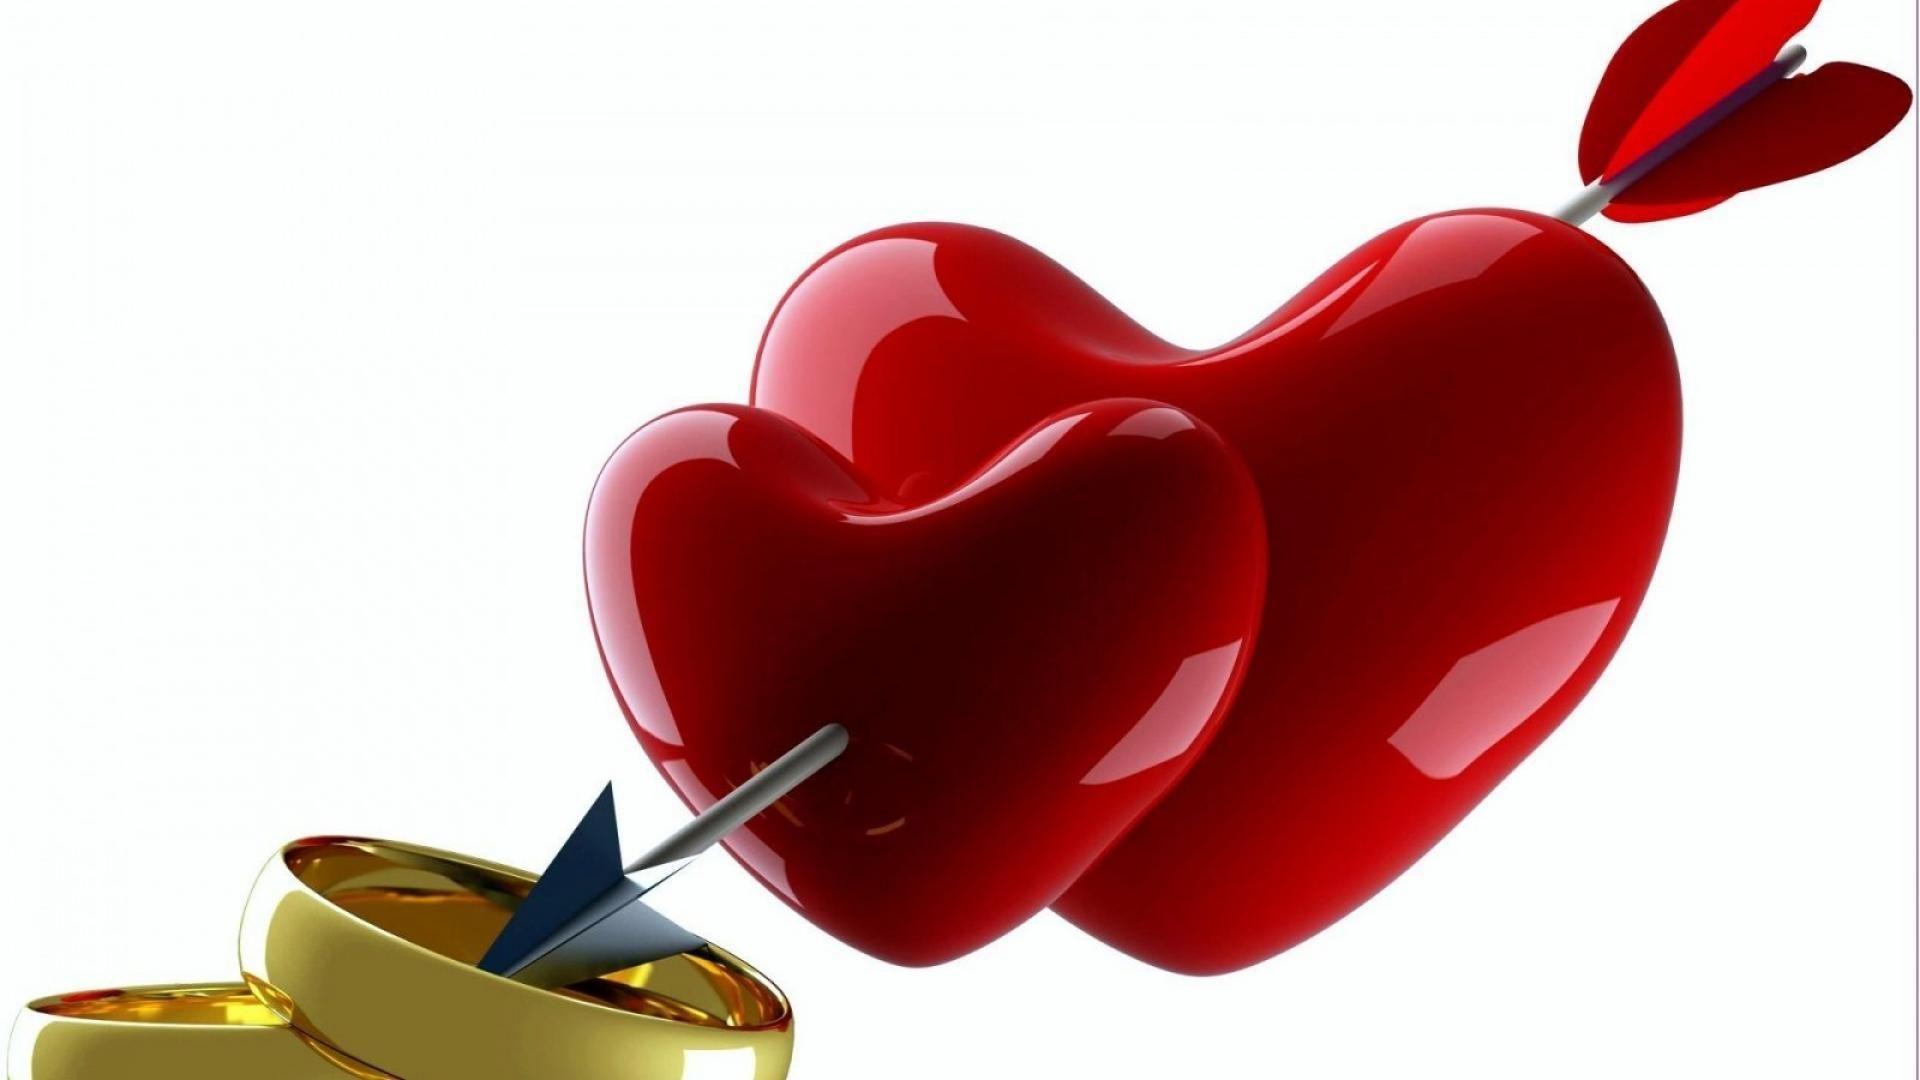 Анимация свадебные сердечки